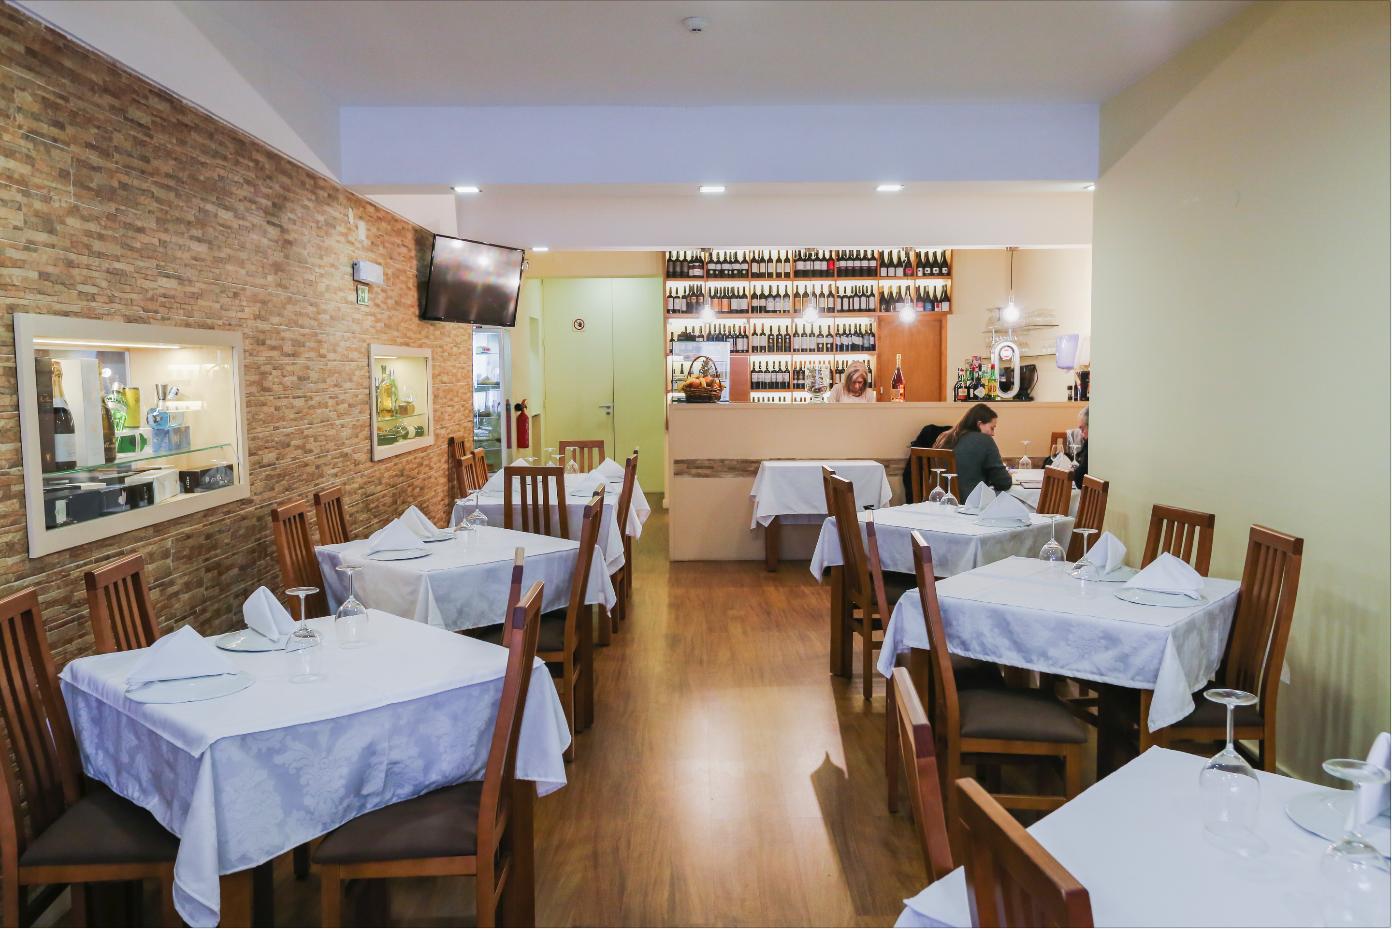 Restaurante, Senhor Zé, Cozinha Tradicional